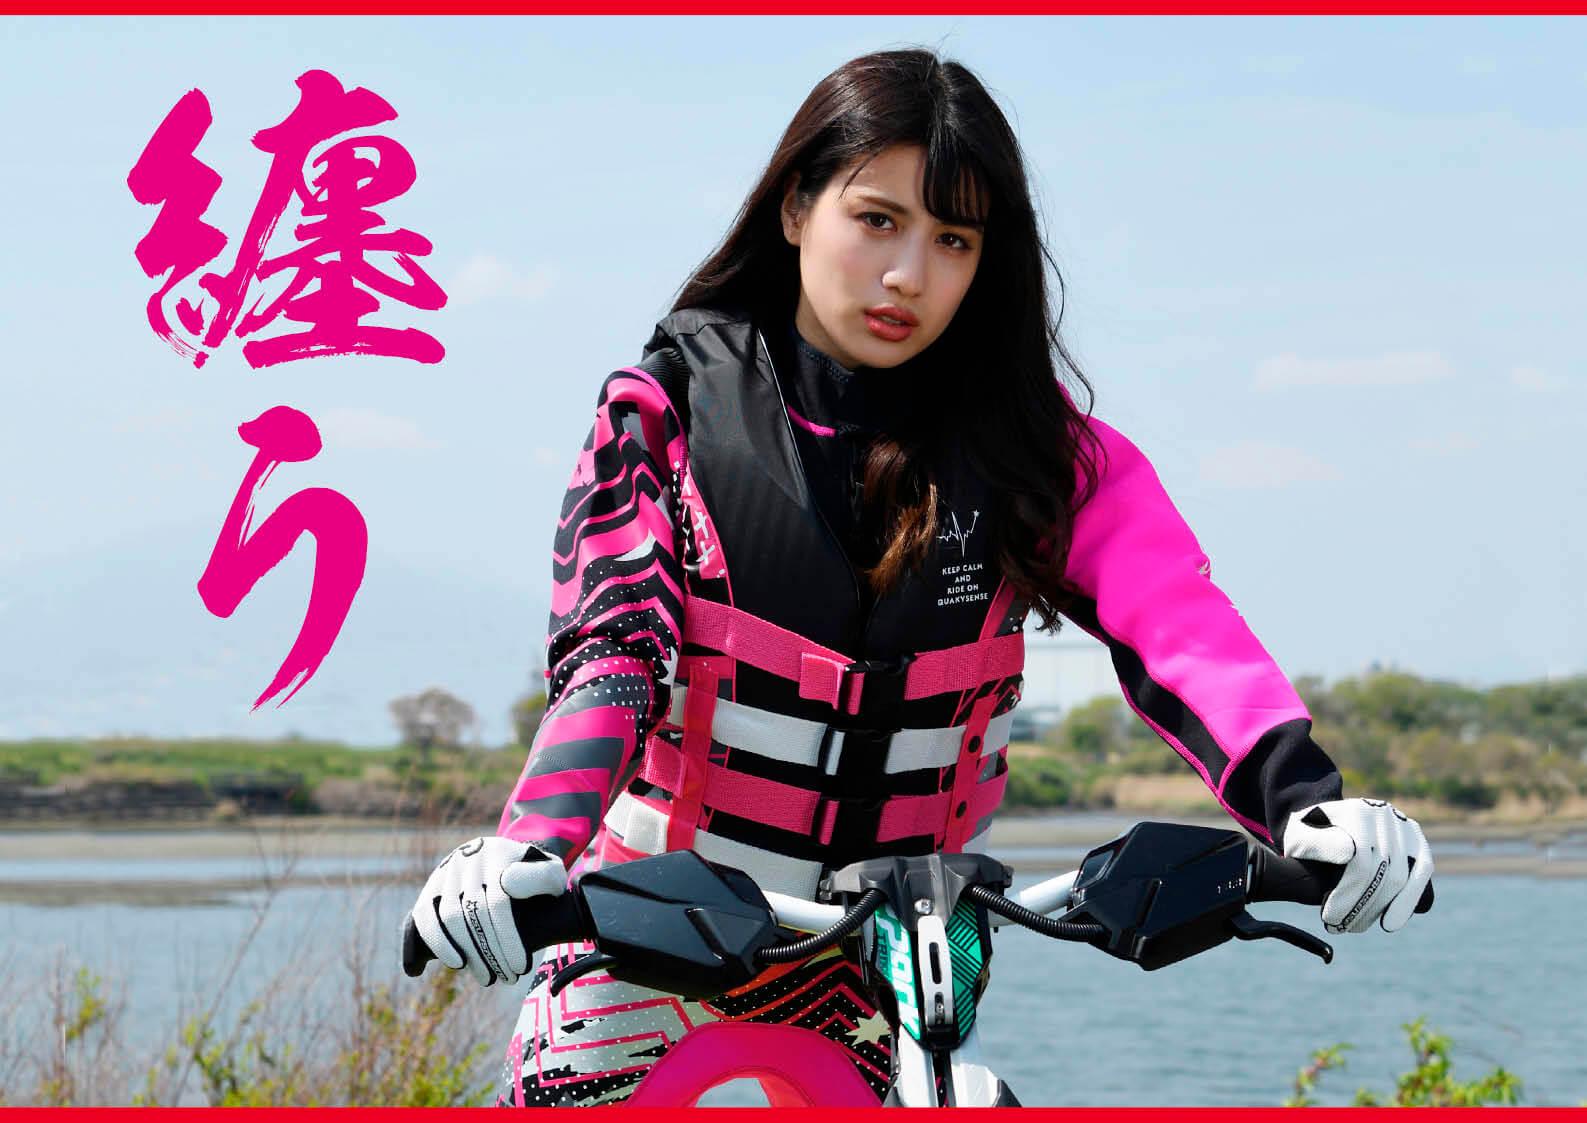 彼女がウェットスーツに着替えたら! ジェットスキーコラム(水上バイク)